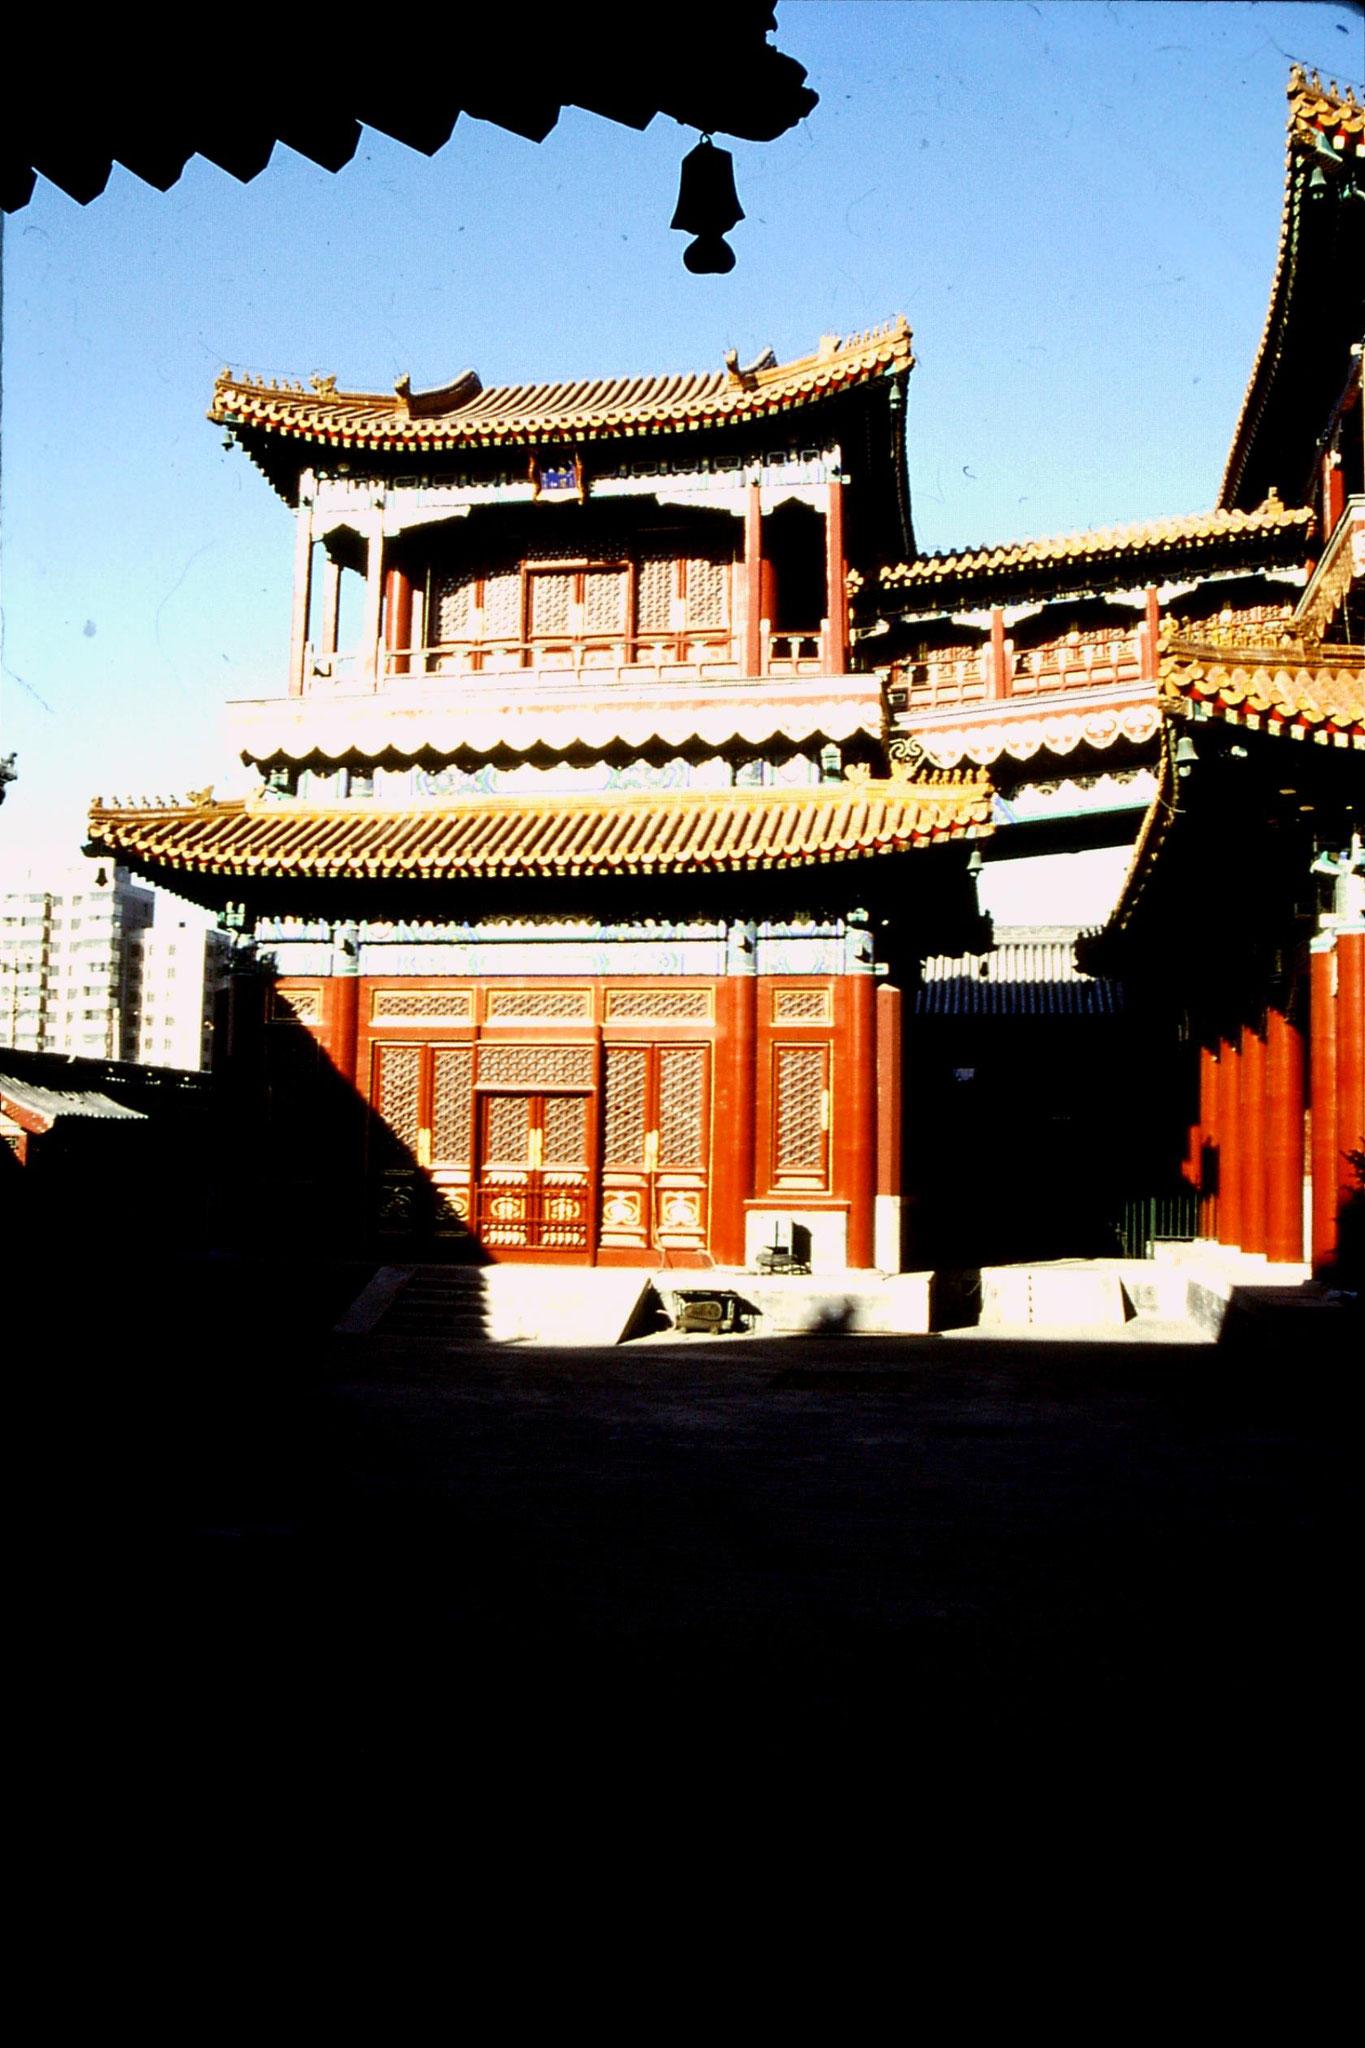 4/12/1988: 9: Beijing Yong He temple